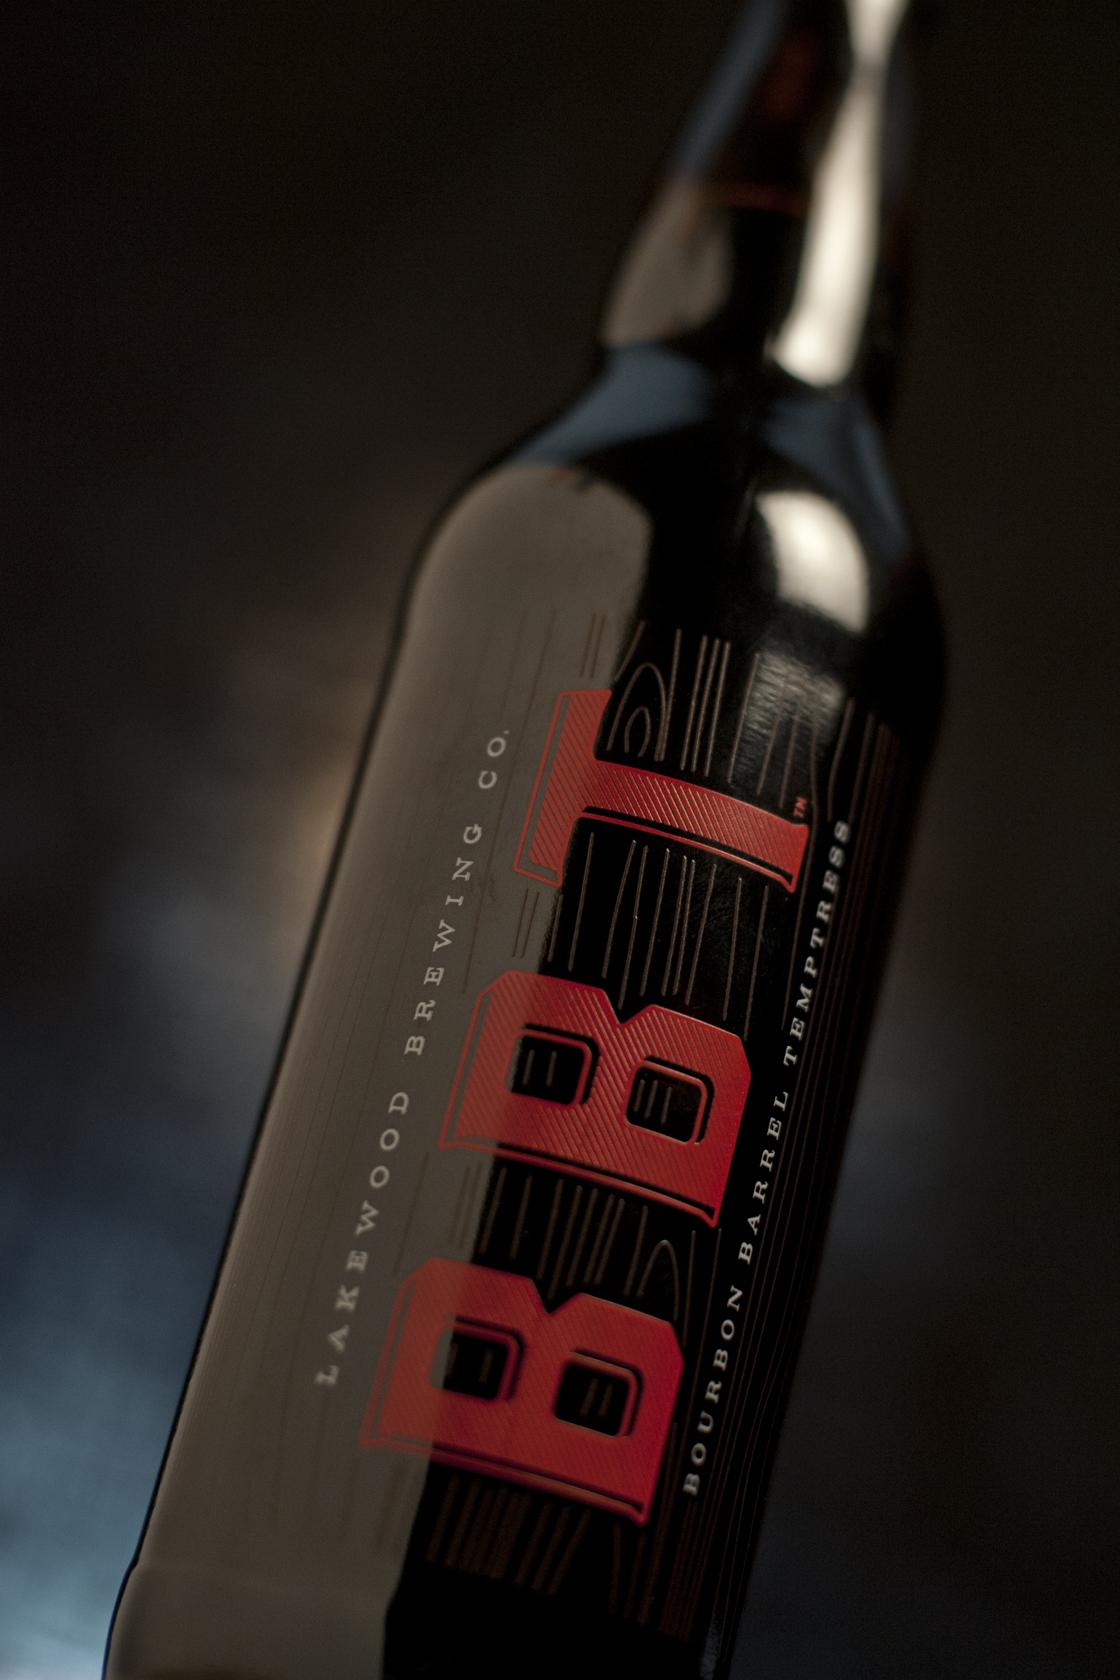 BBT14_bottle1.jpg